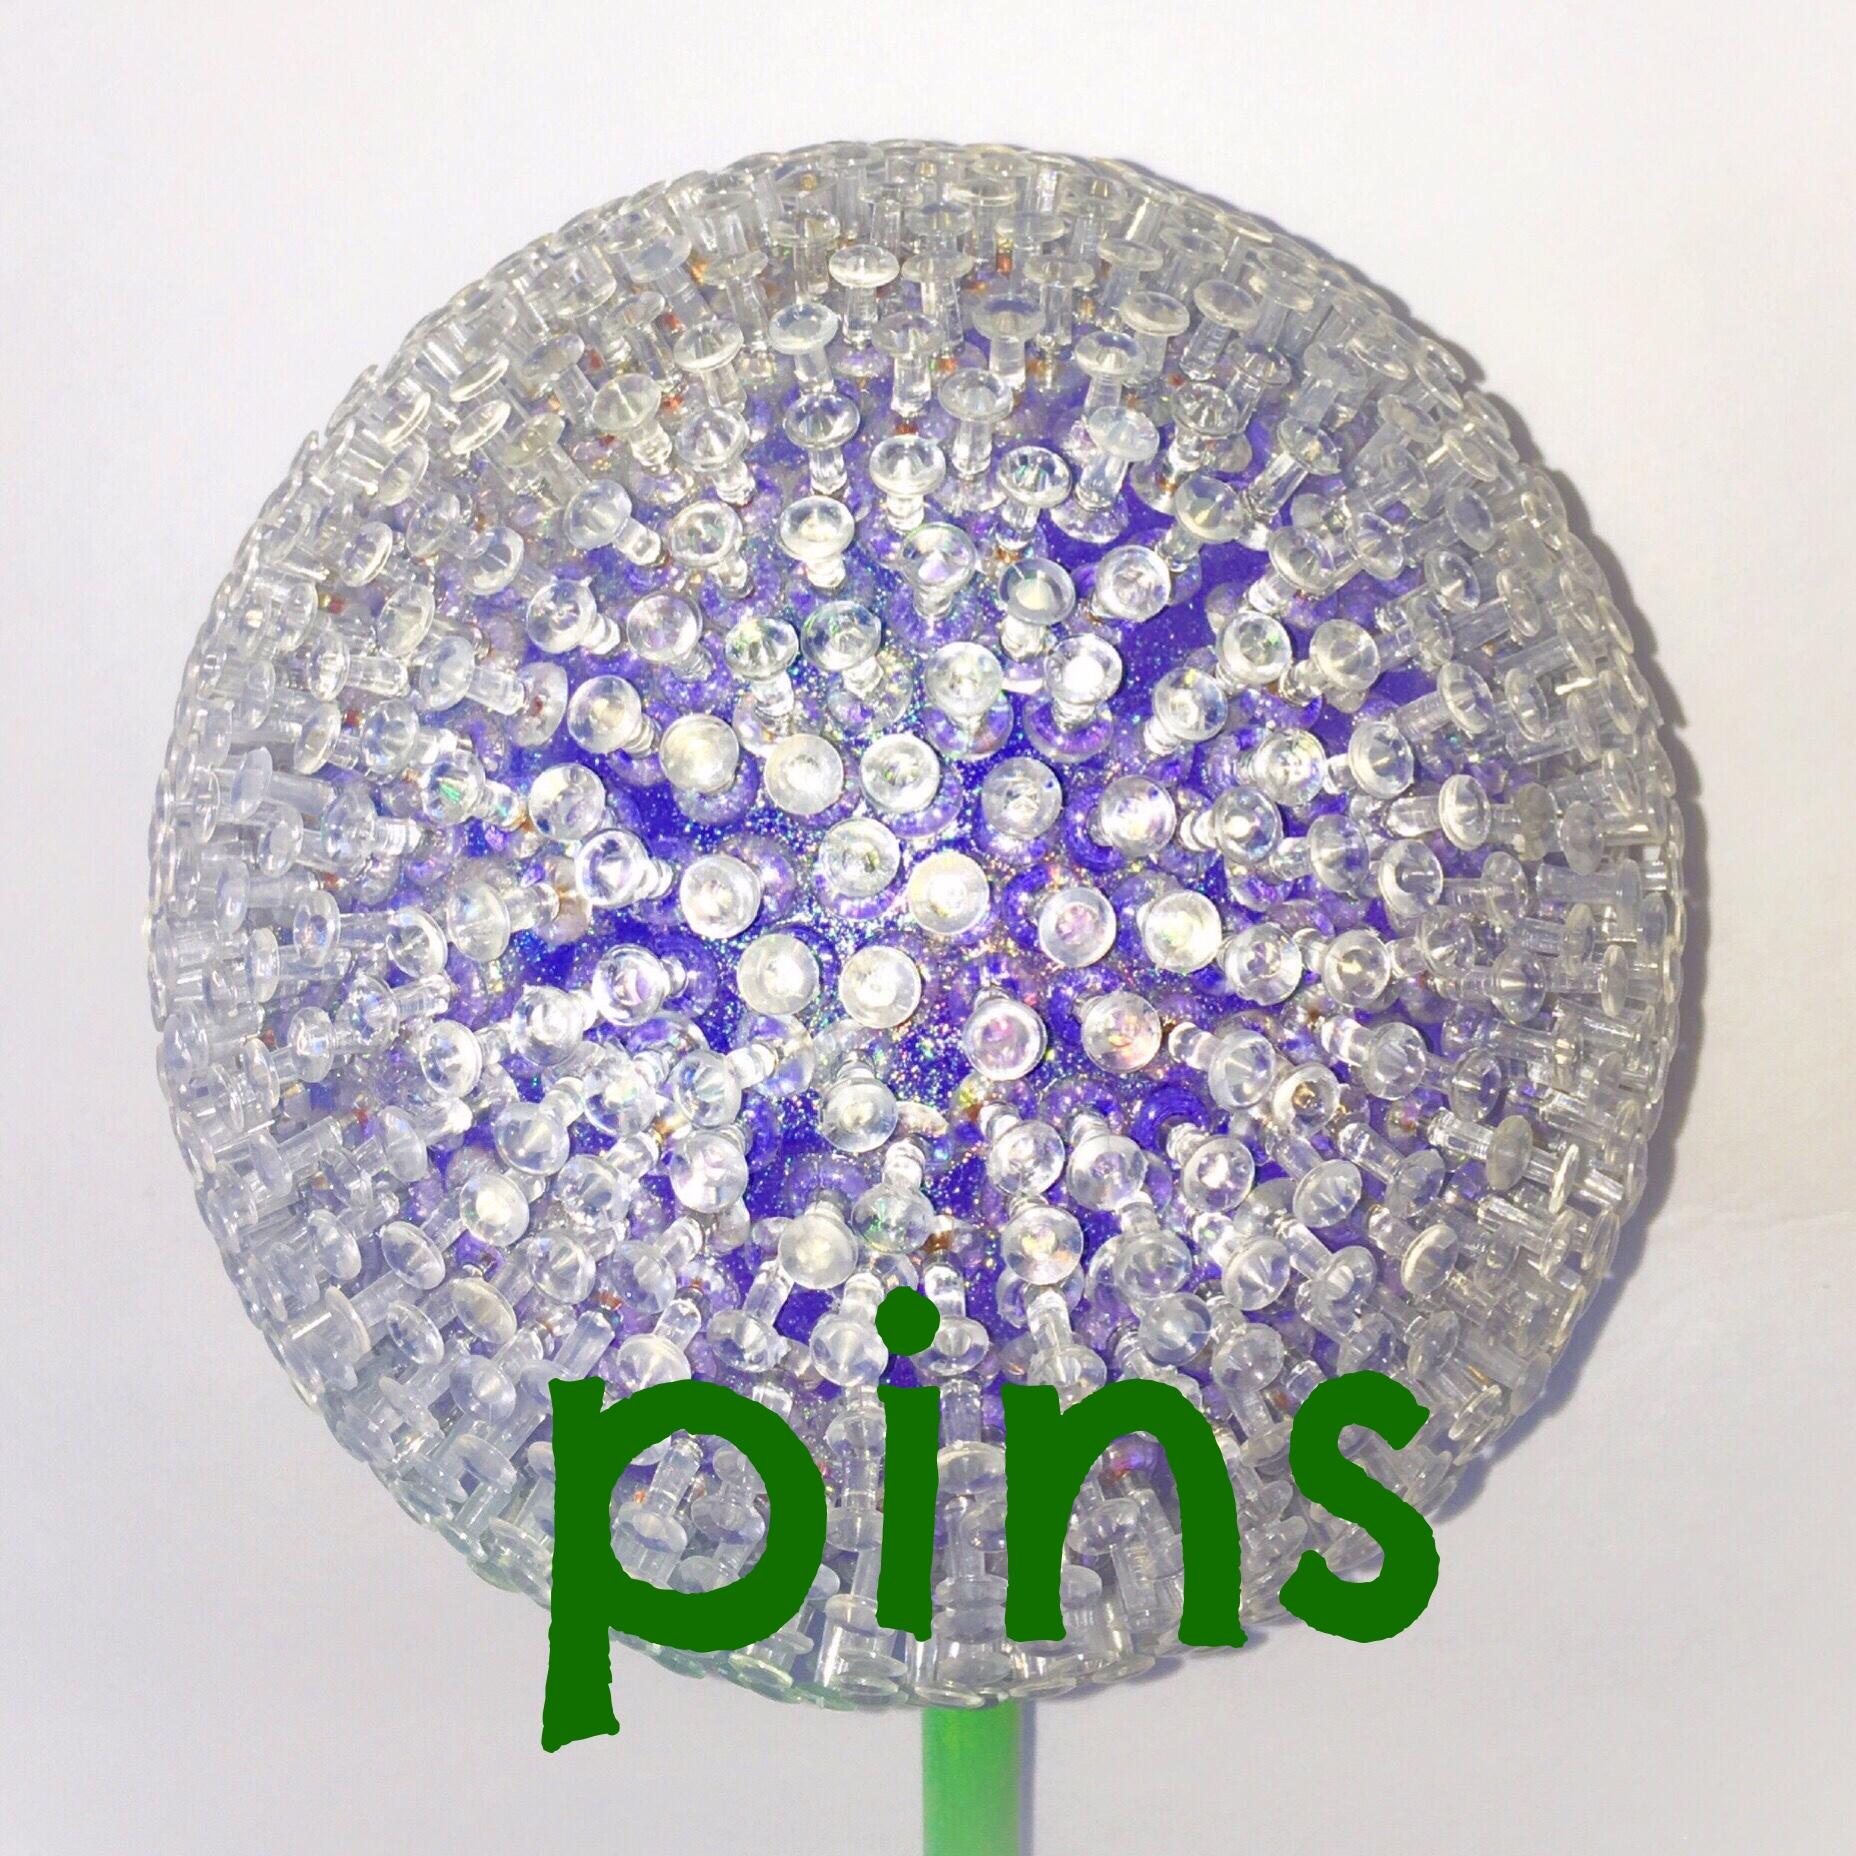 Copy of pins garden art flower 7in purple halfpeeledbanana.com